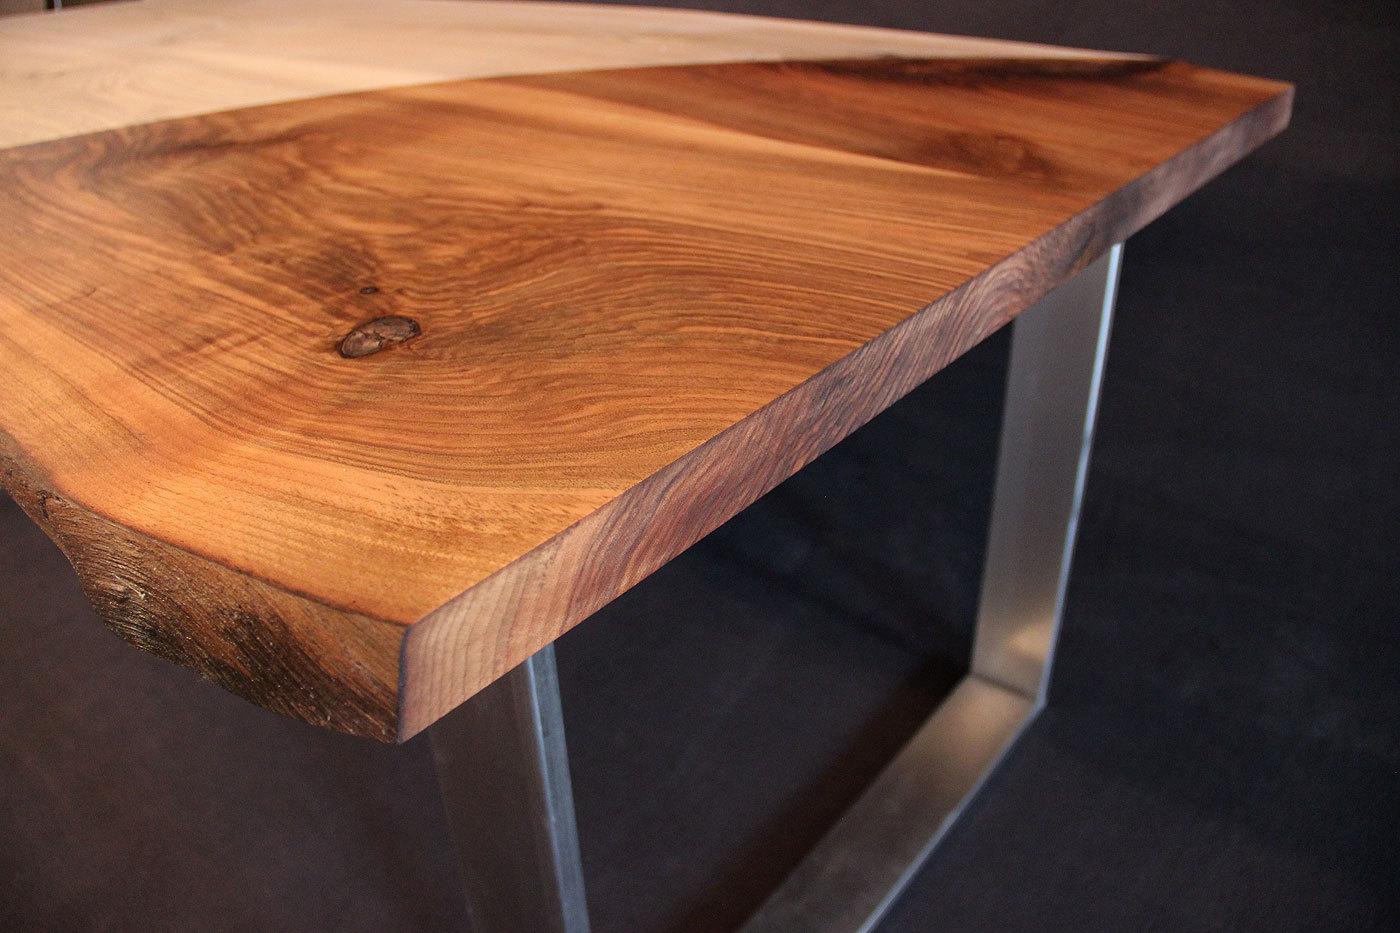 Tischplatte massivholz baumkante  mit Baumkante Massivholz Kaukasischer Nussbaum Rustikal mit Splint ...